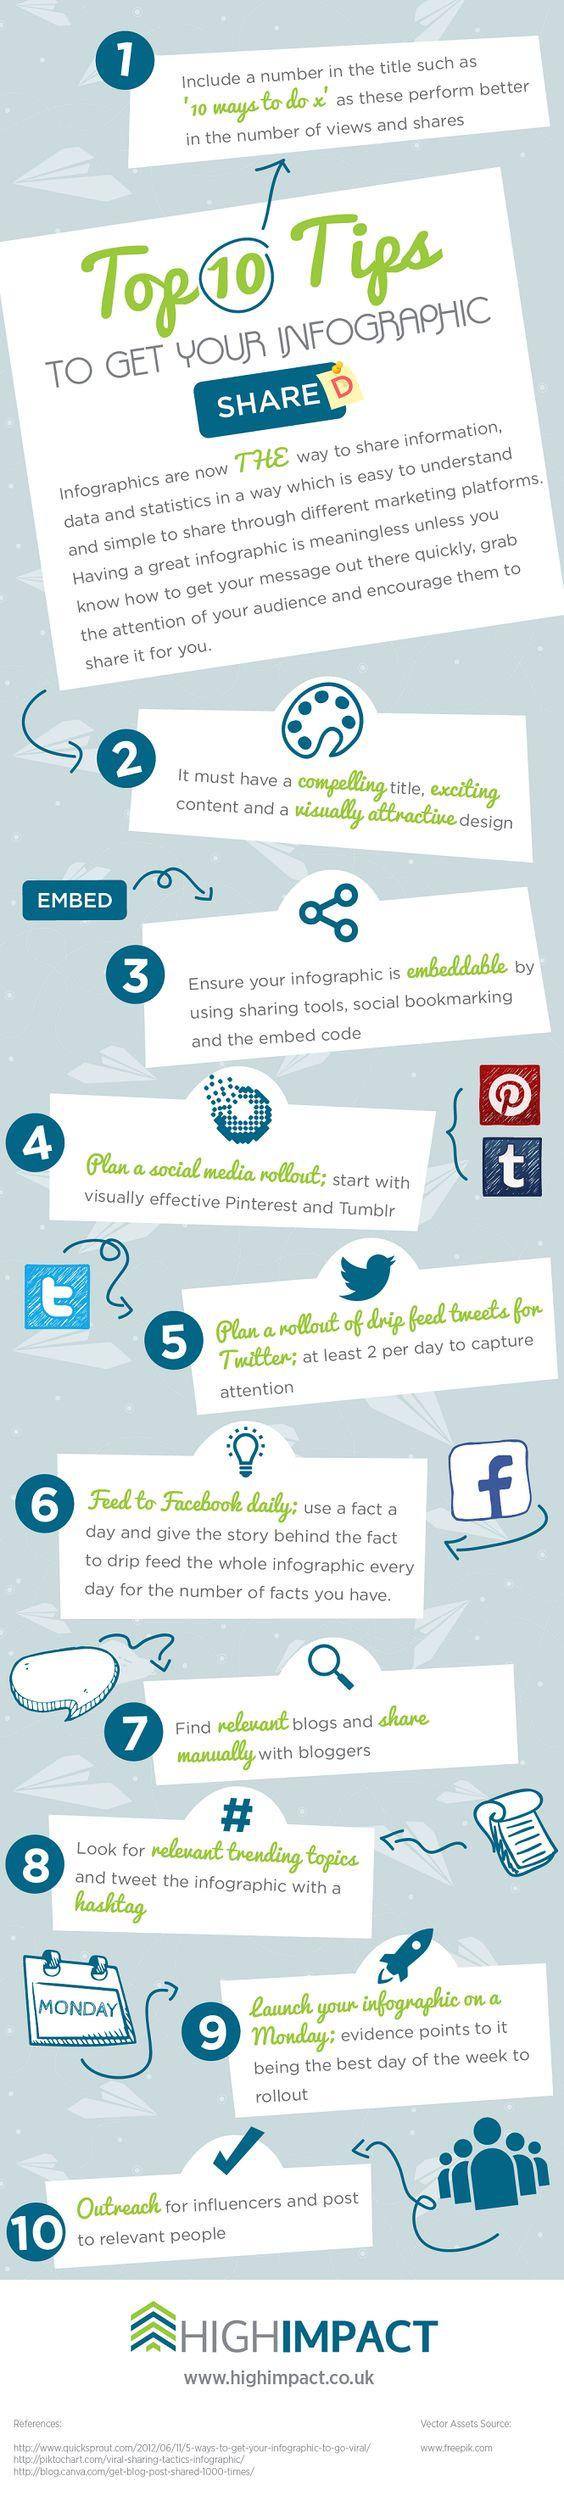 10 consejos infografía compartida infografía